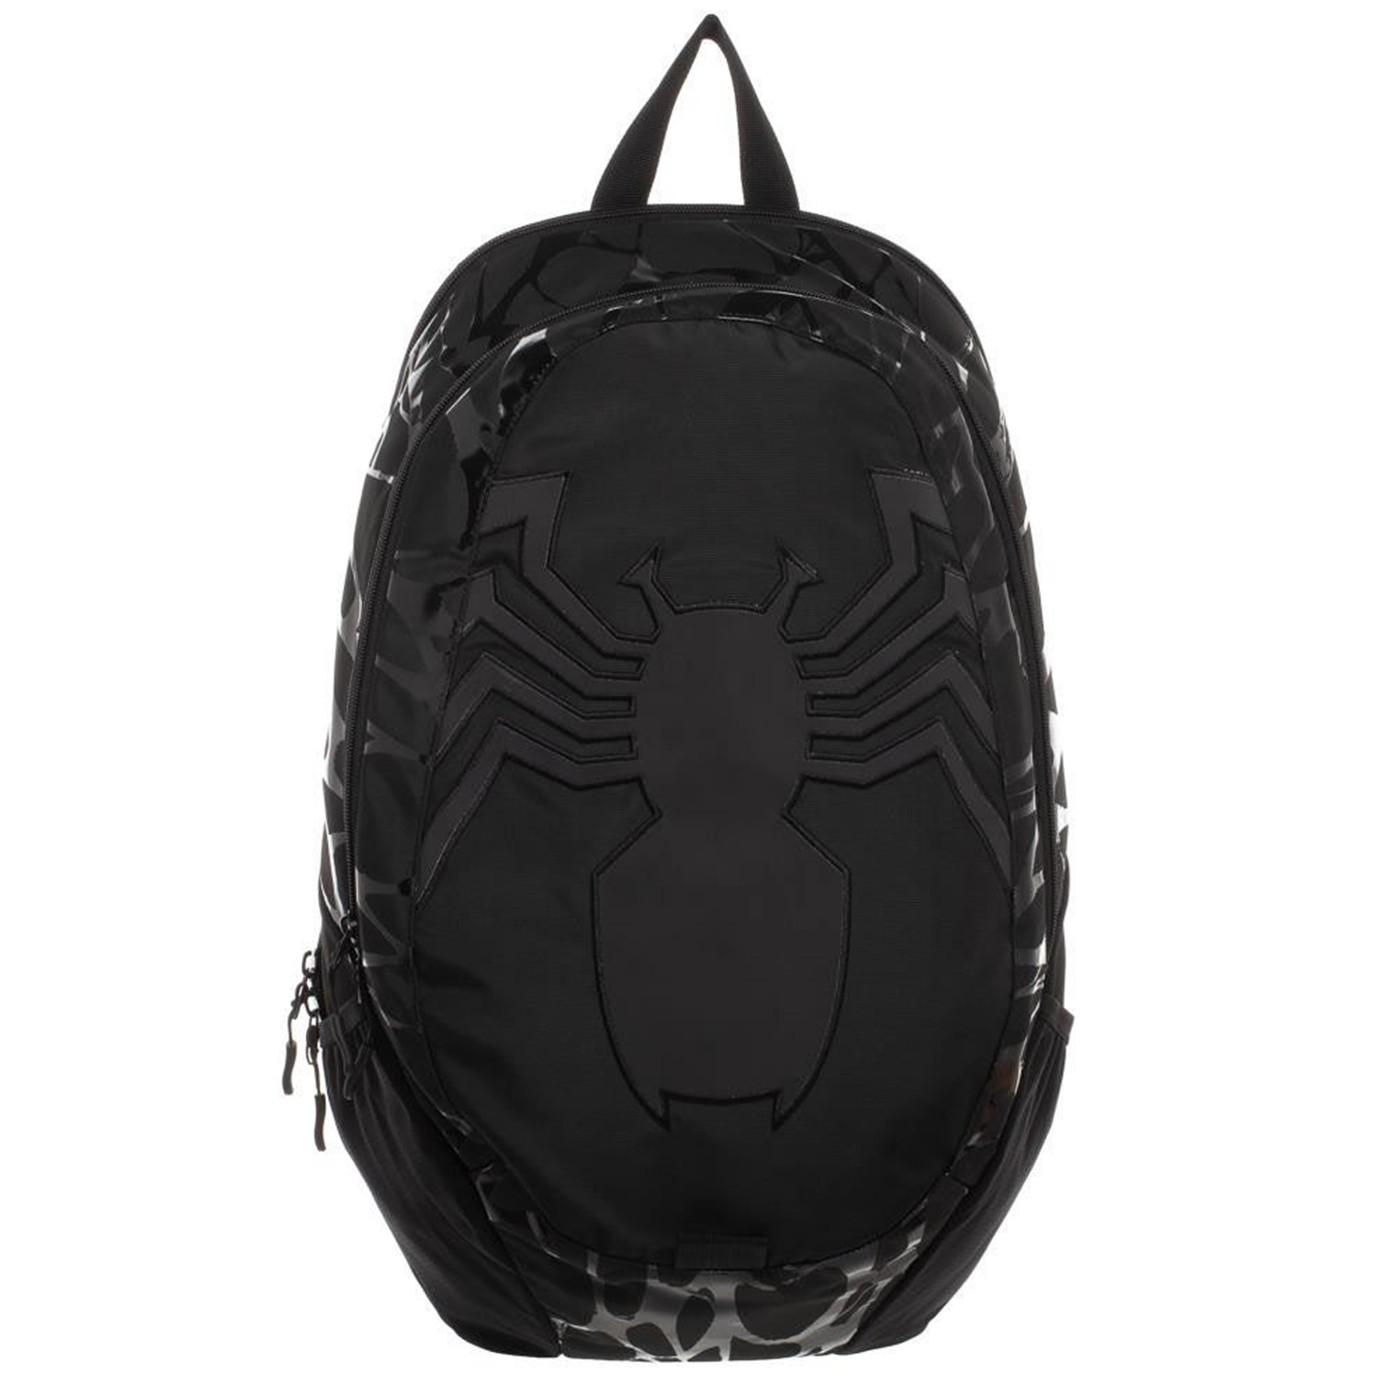 Venom Backpack